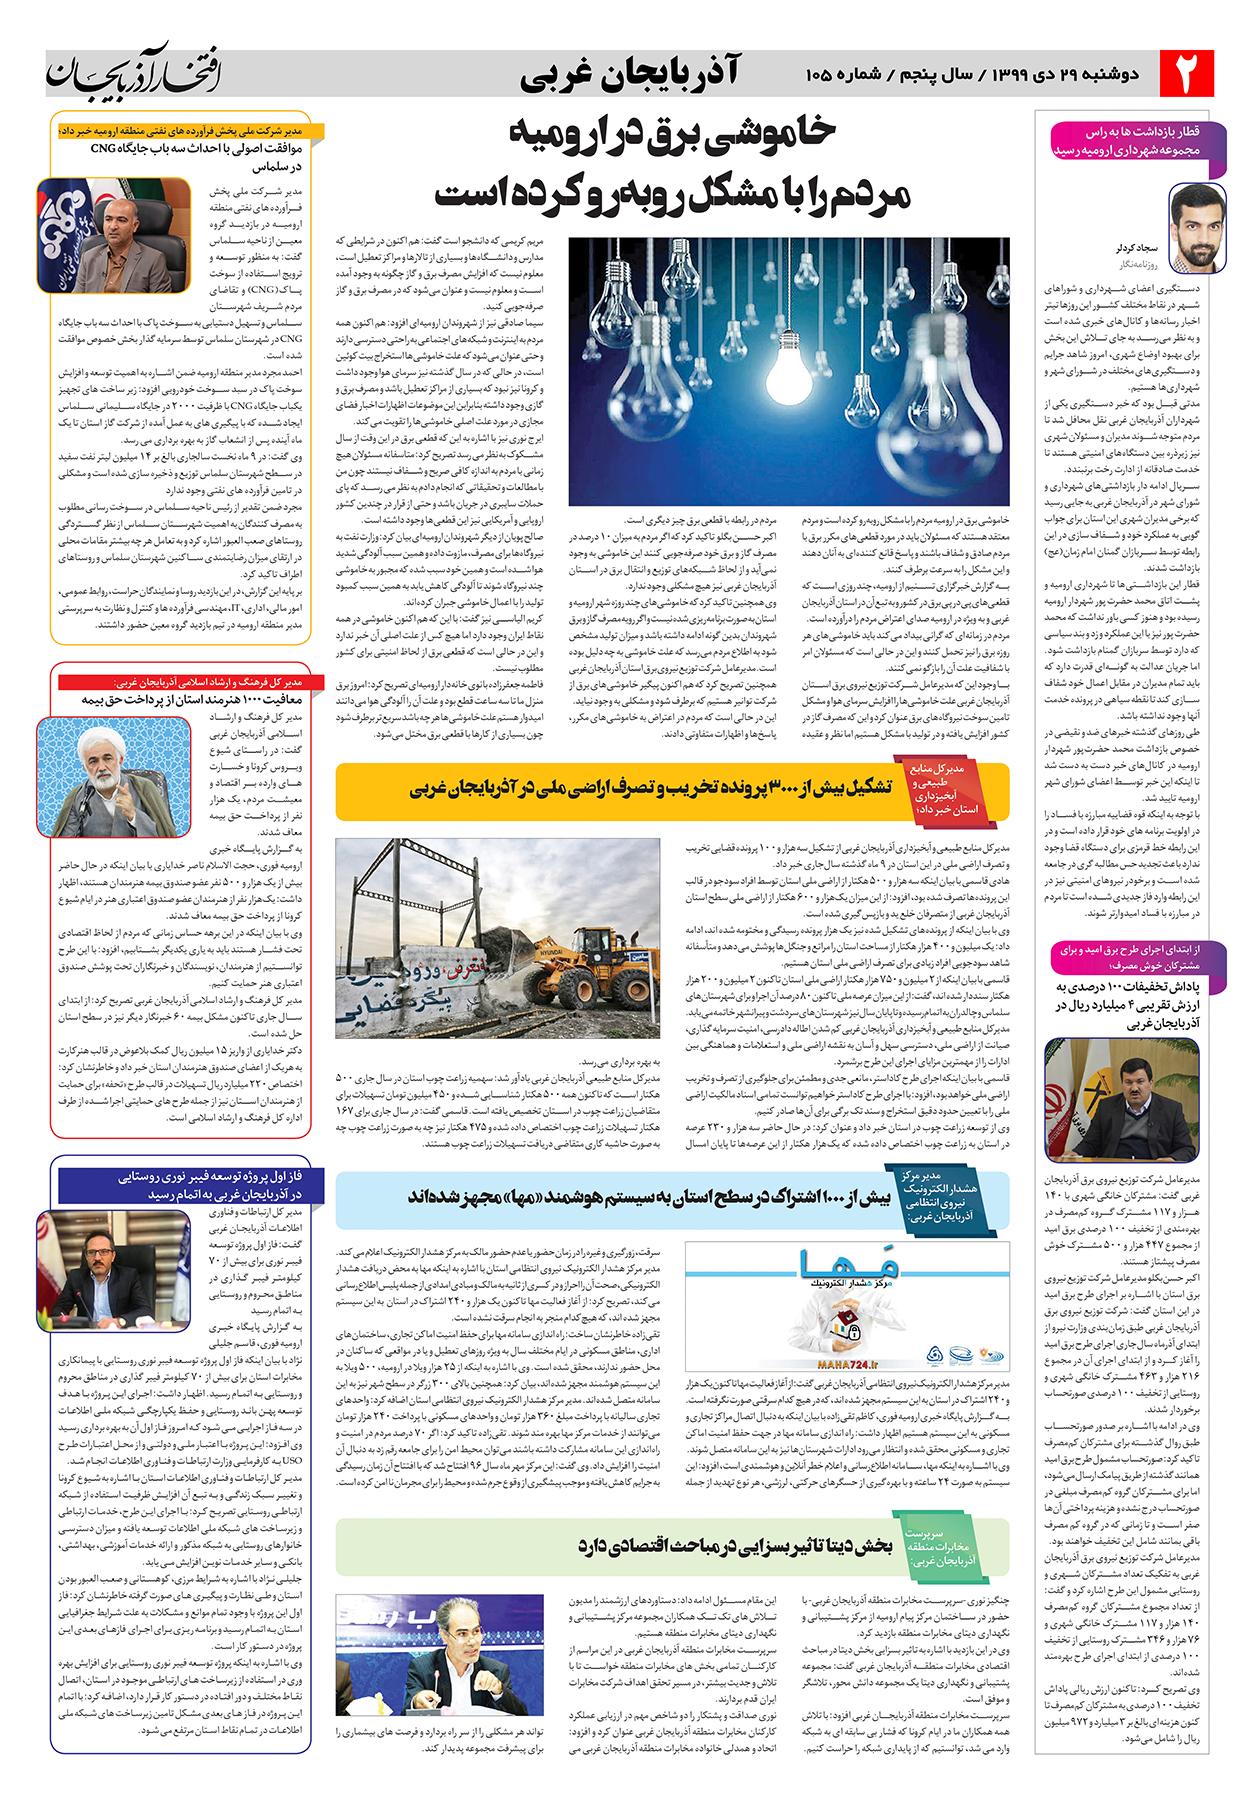 صفحه دوم هفته نامه افتخار آذربایجان شماره 105